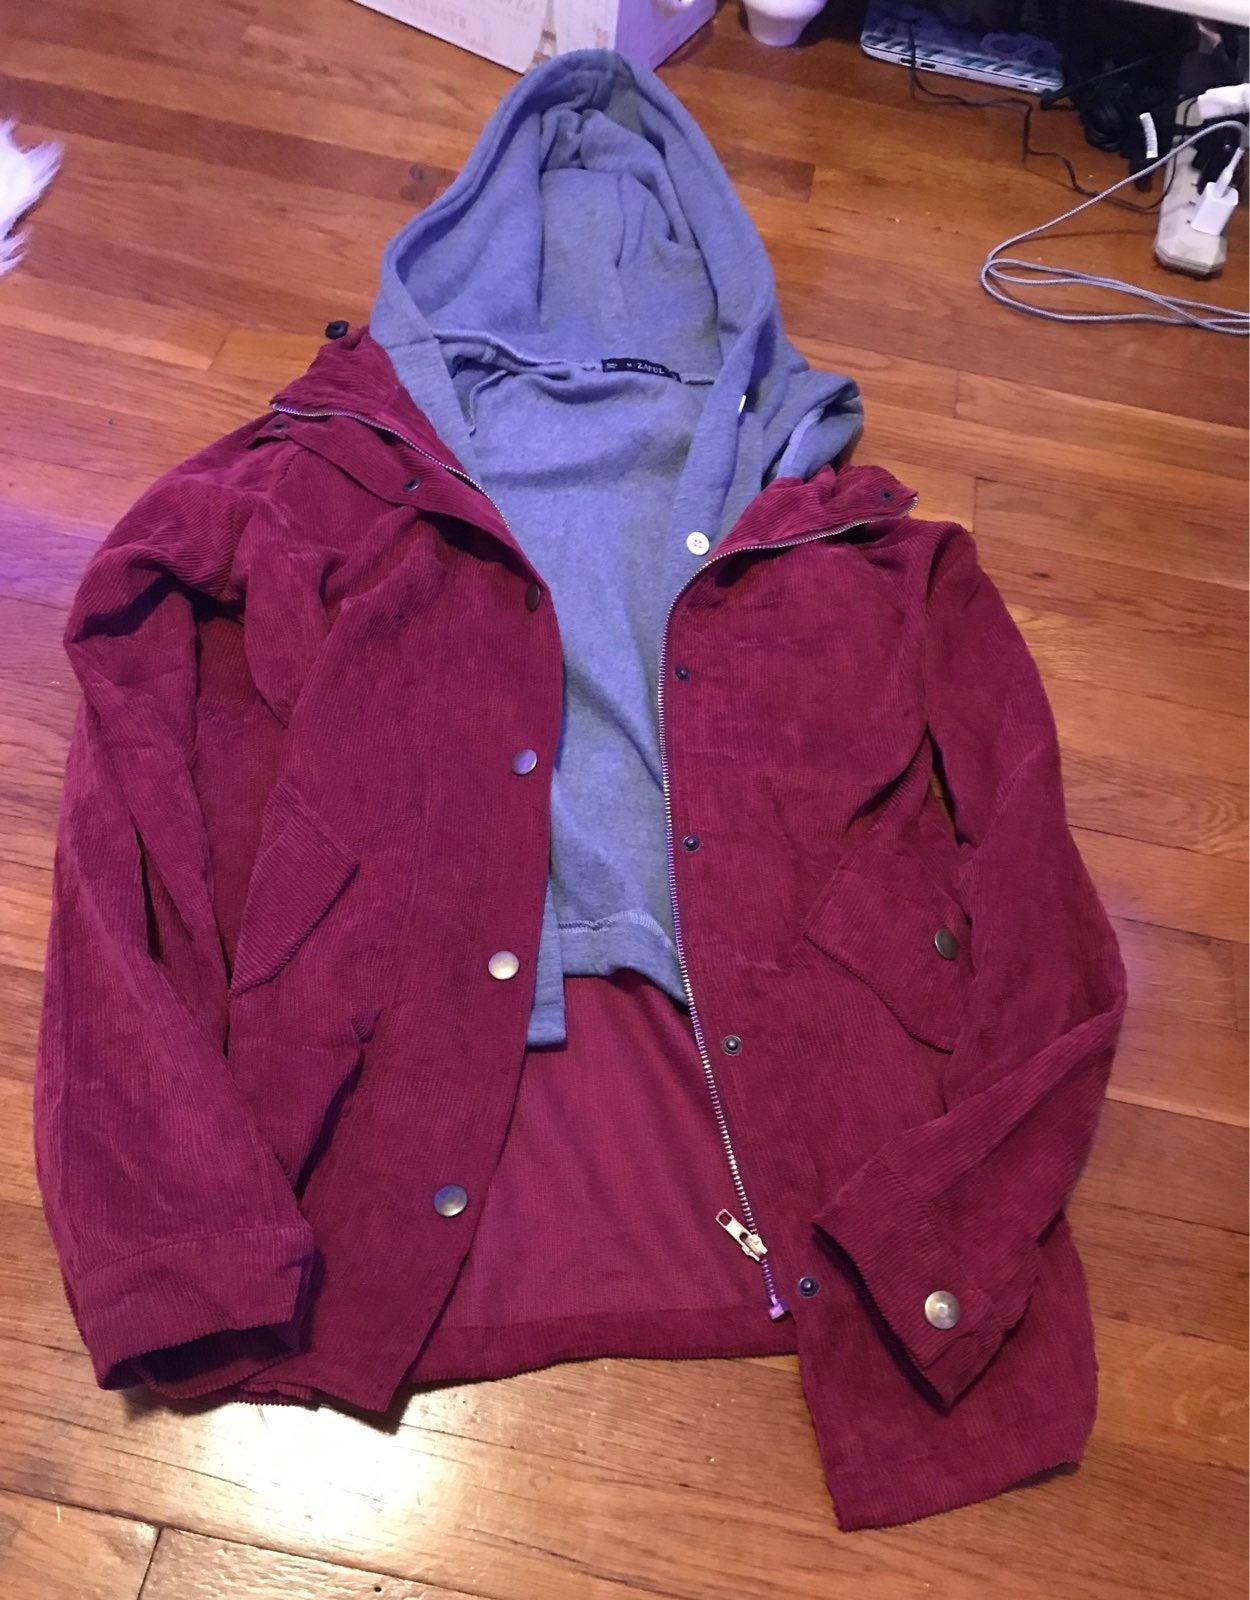 Zaful Jacket Size Medium